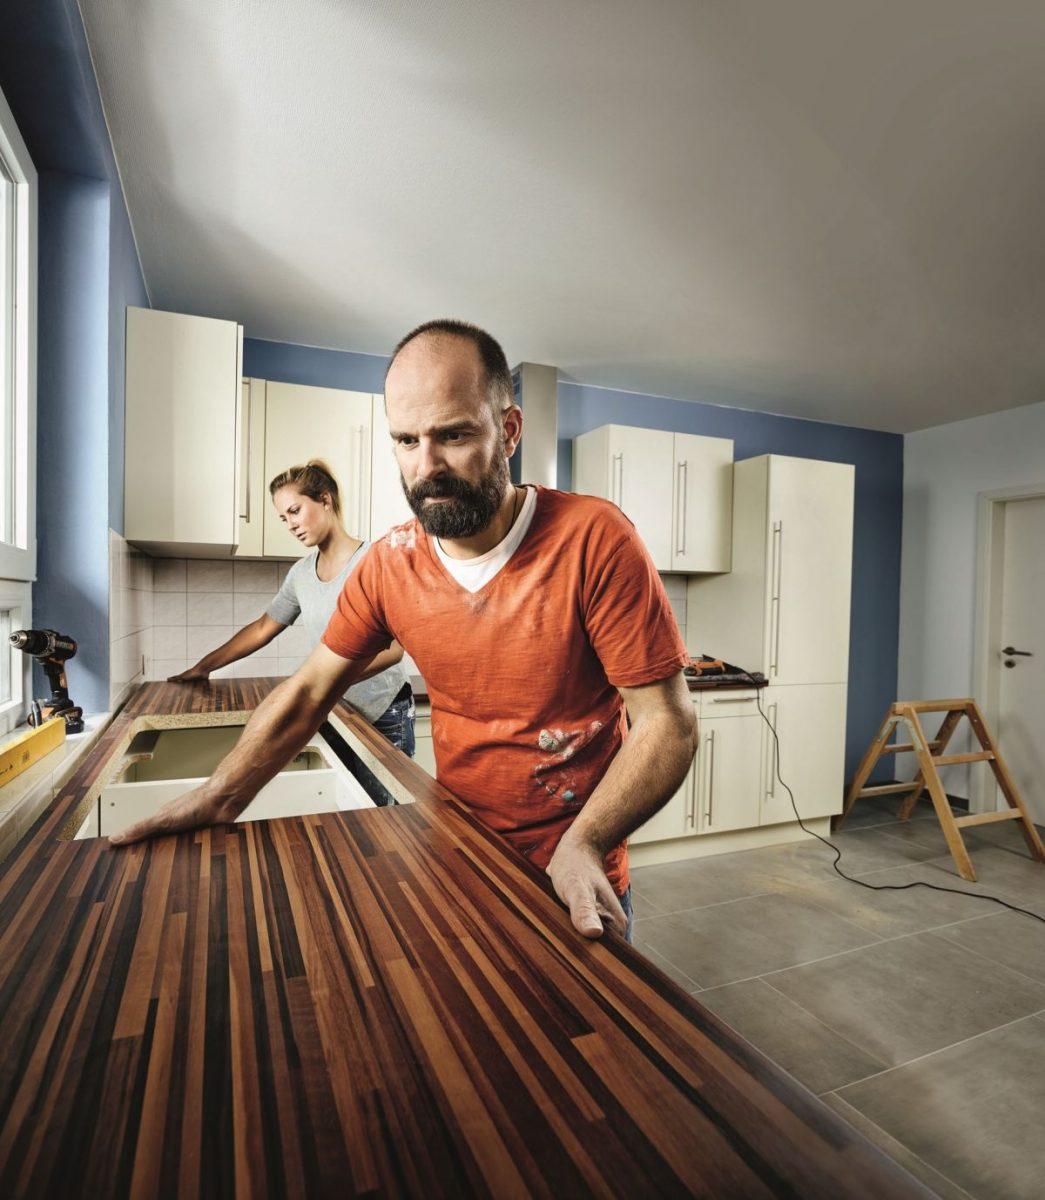 1_montaz-pracovni-desky-1200x1200.jpg